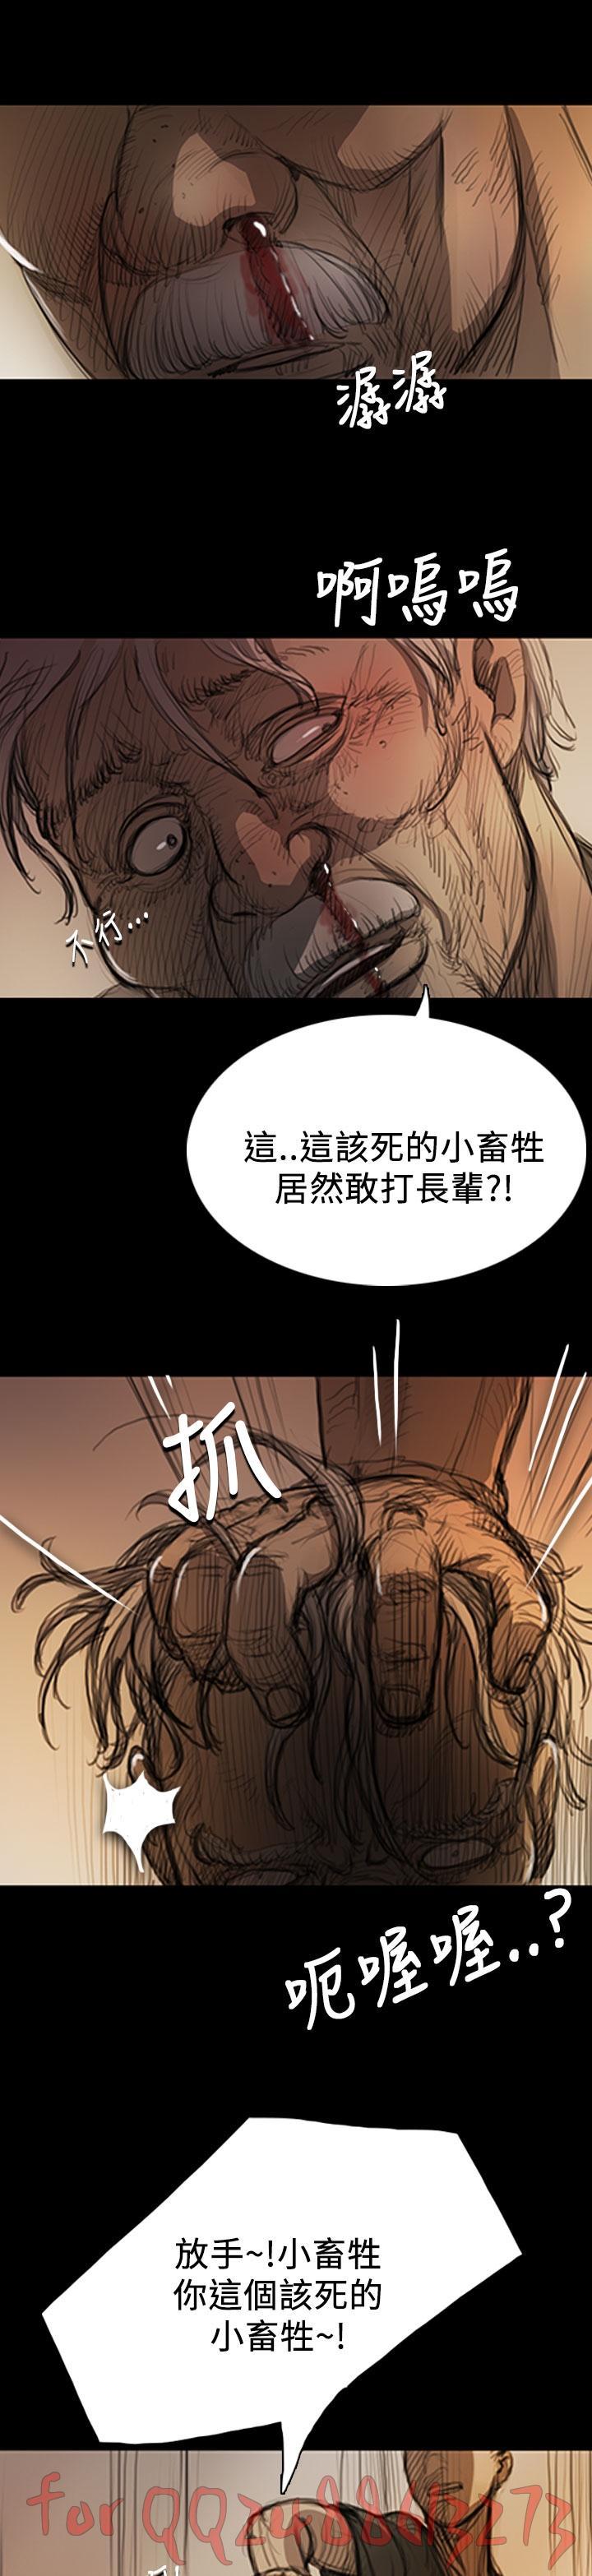 姊姊: 莲 第1~10話 [Chinese]中文 306